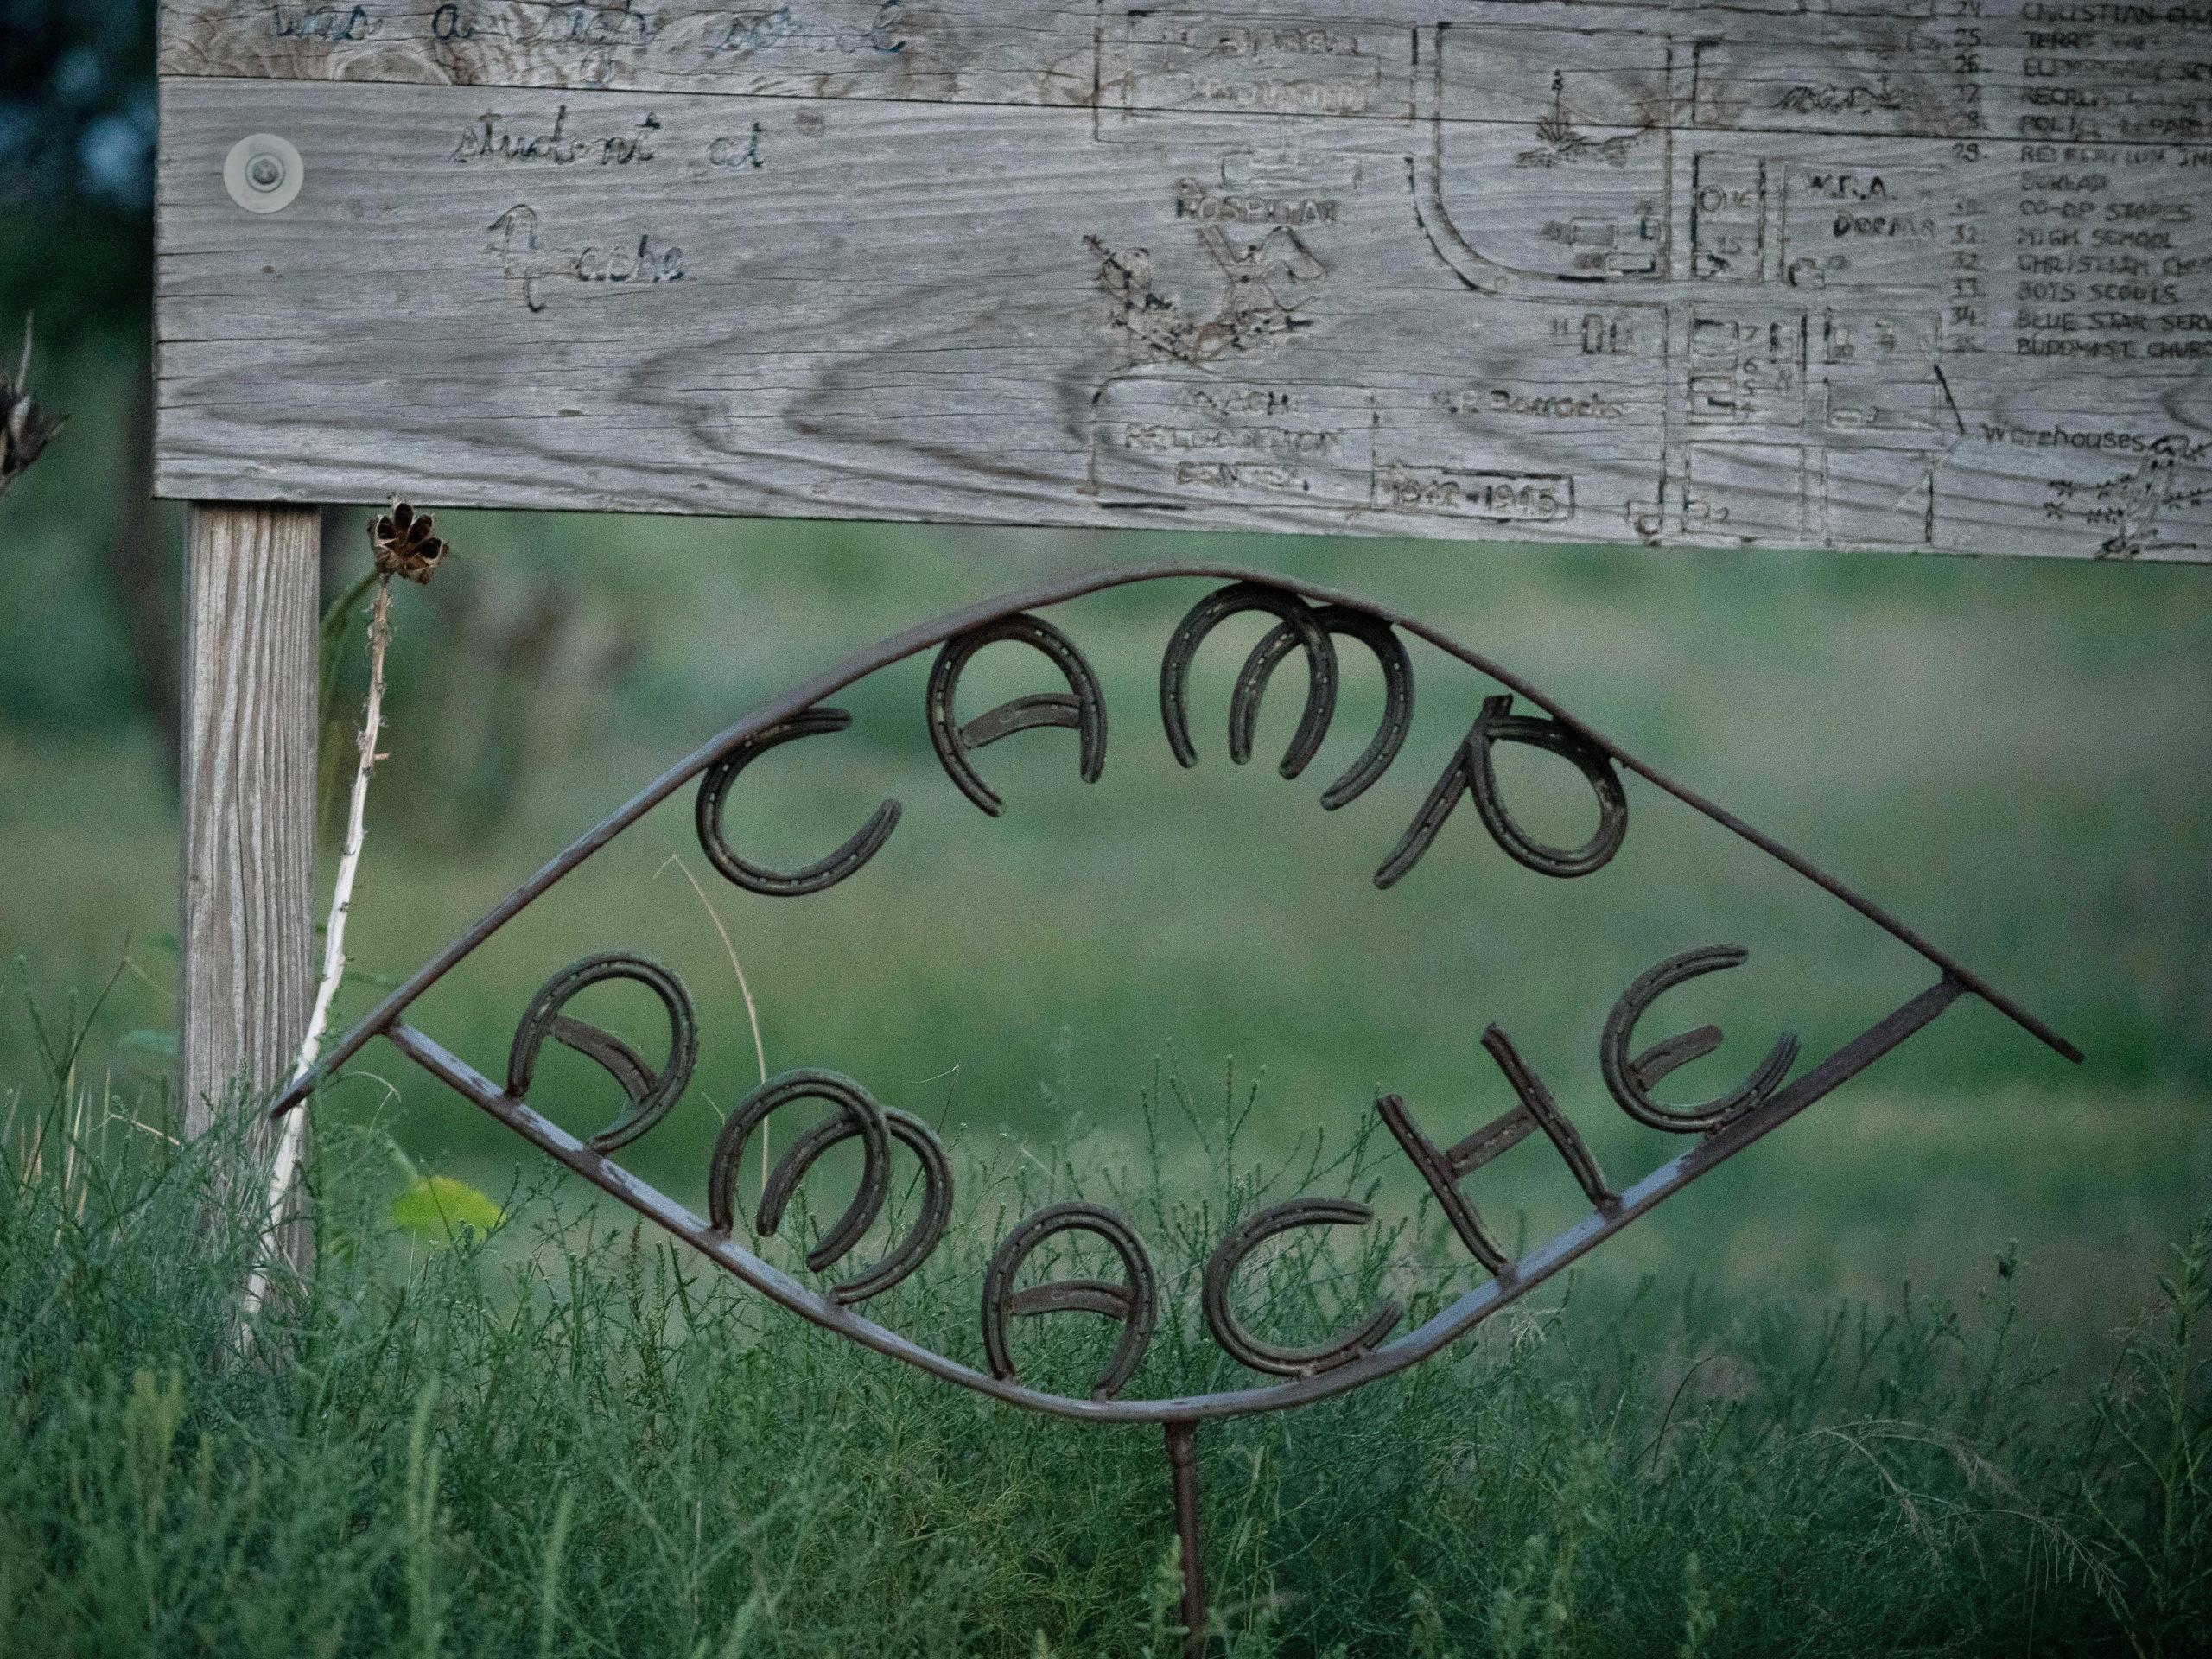 Camp Amache